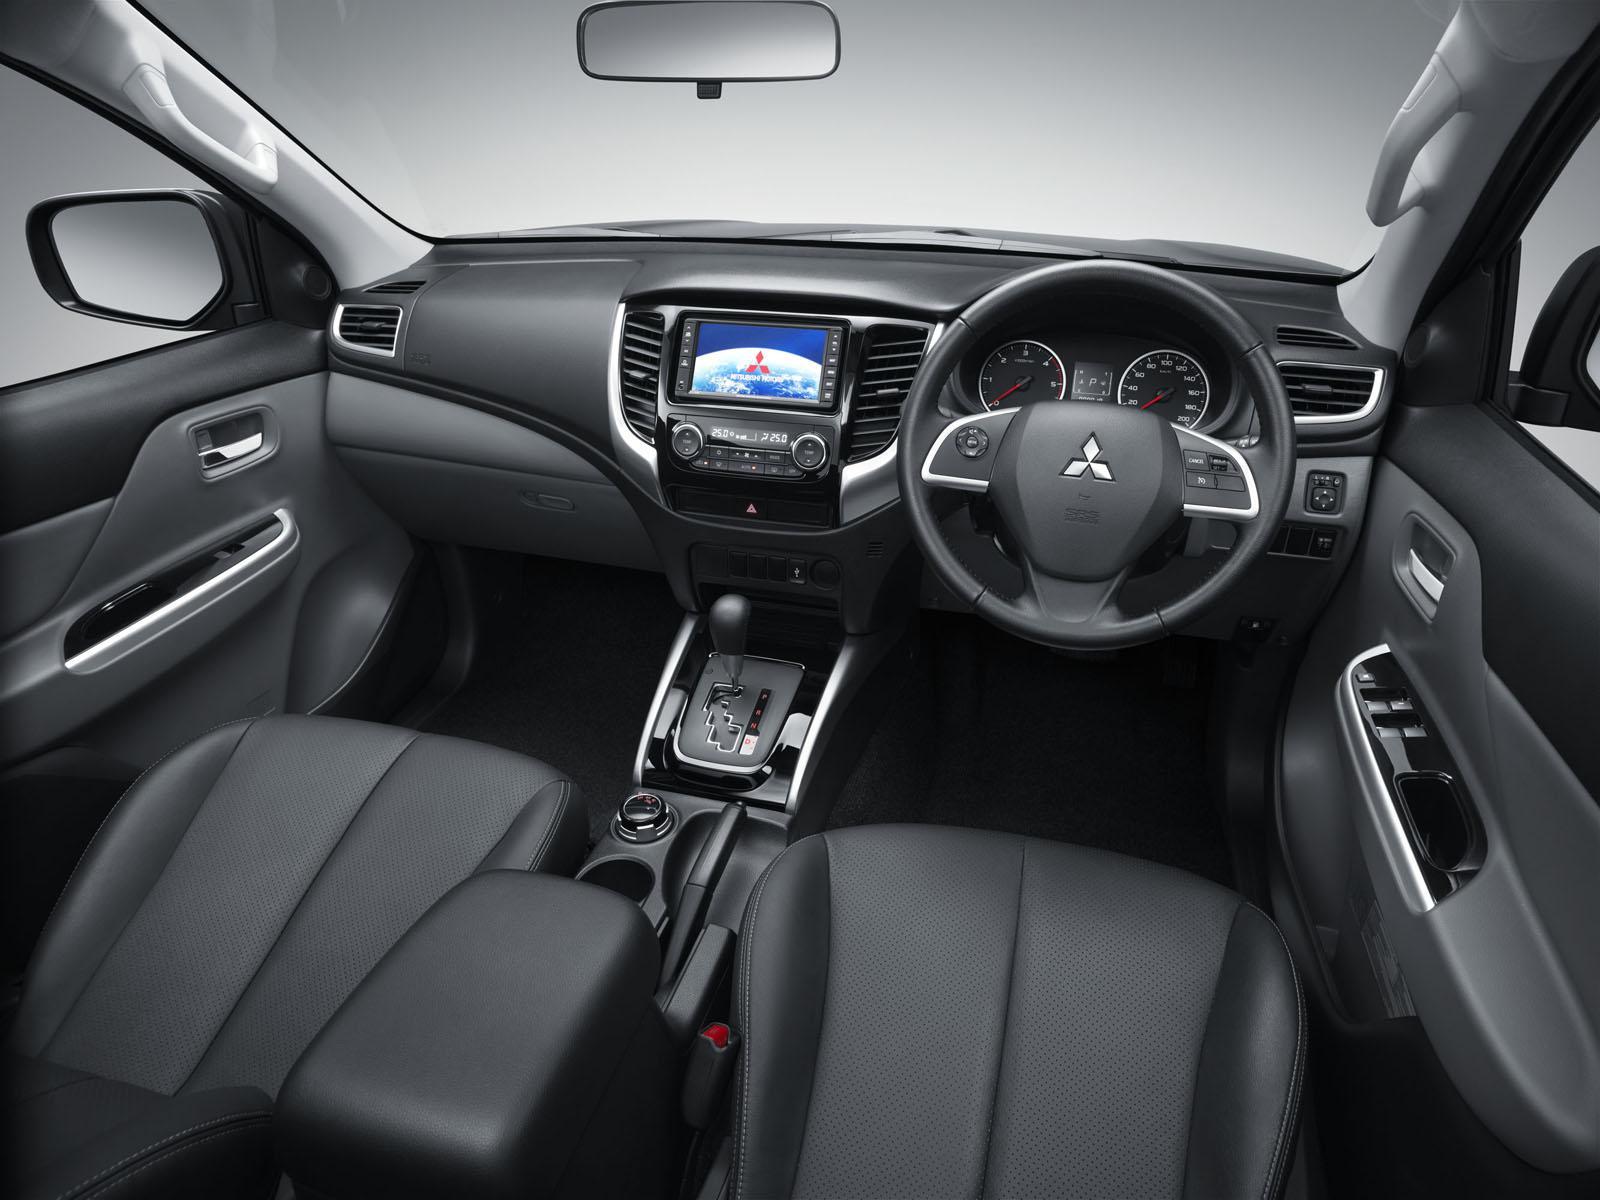 2015 Mitsubishi Triton / L200 Debuts in Thailand [Video ...